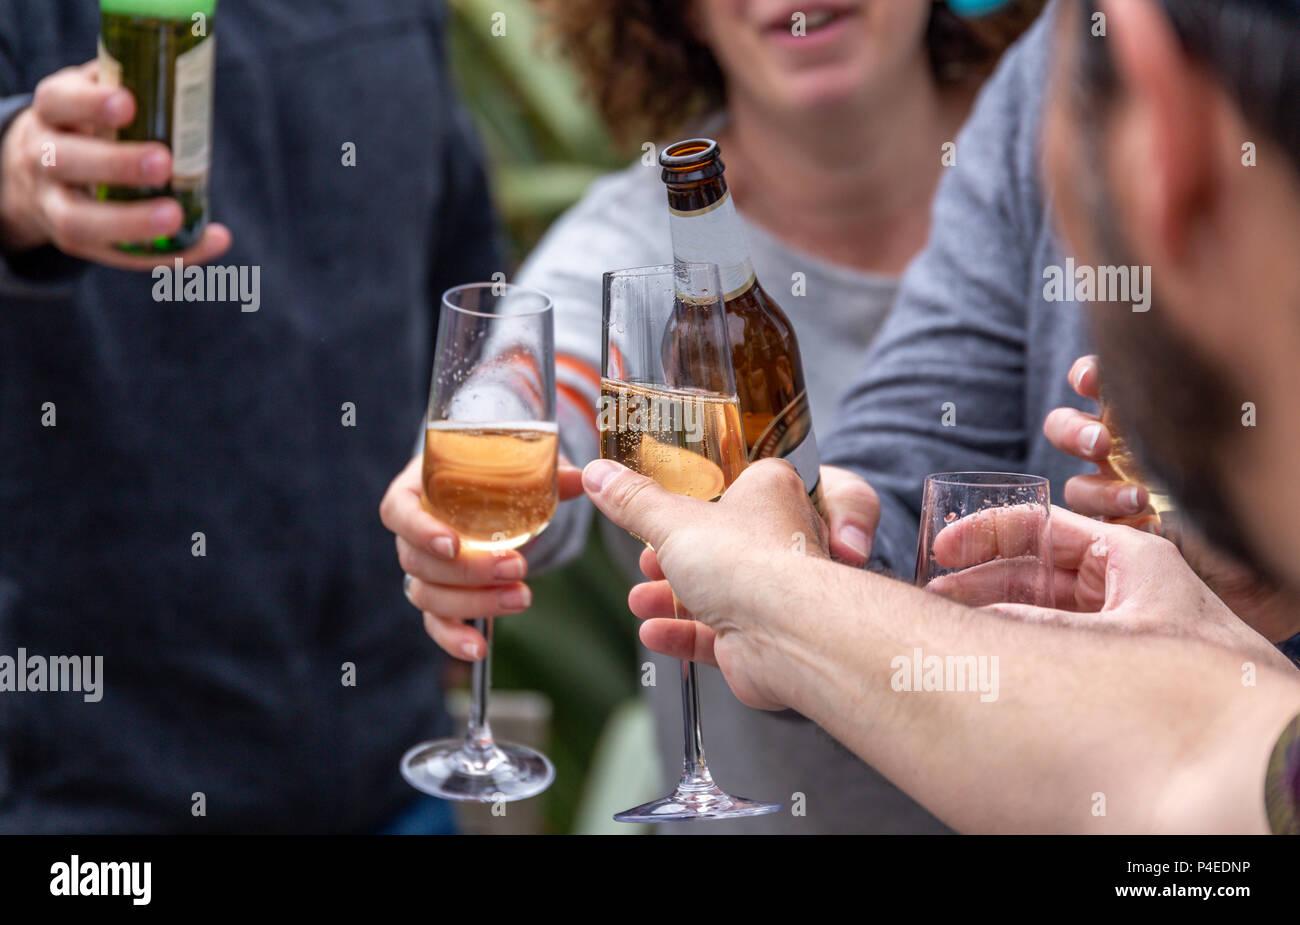 Gli amici la tostatura con bevande (lager e prosecco) in corrispondenza di un al di fuori di riunione sociale Immagini Stock